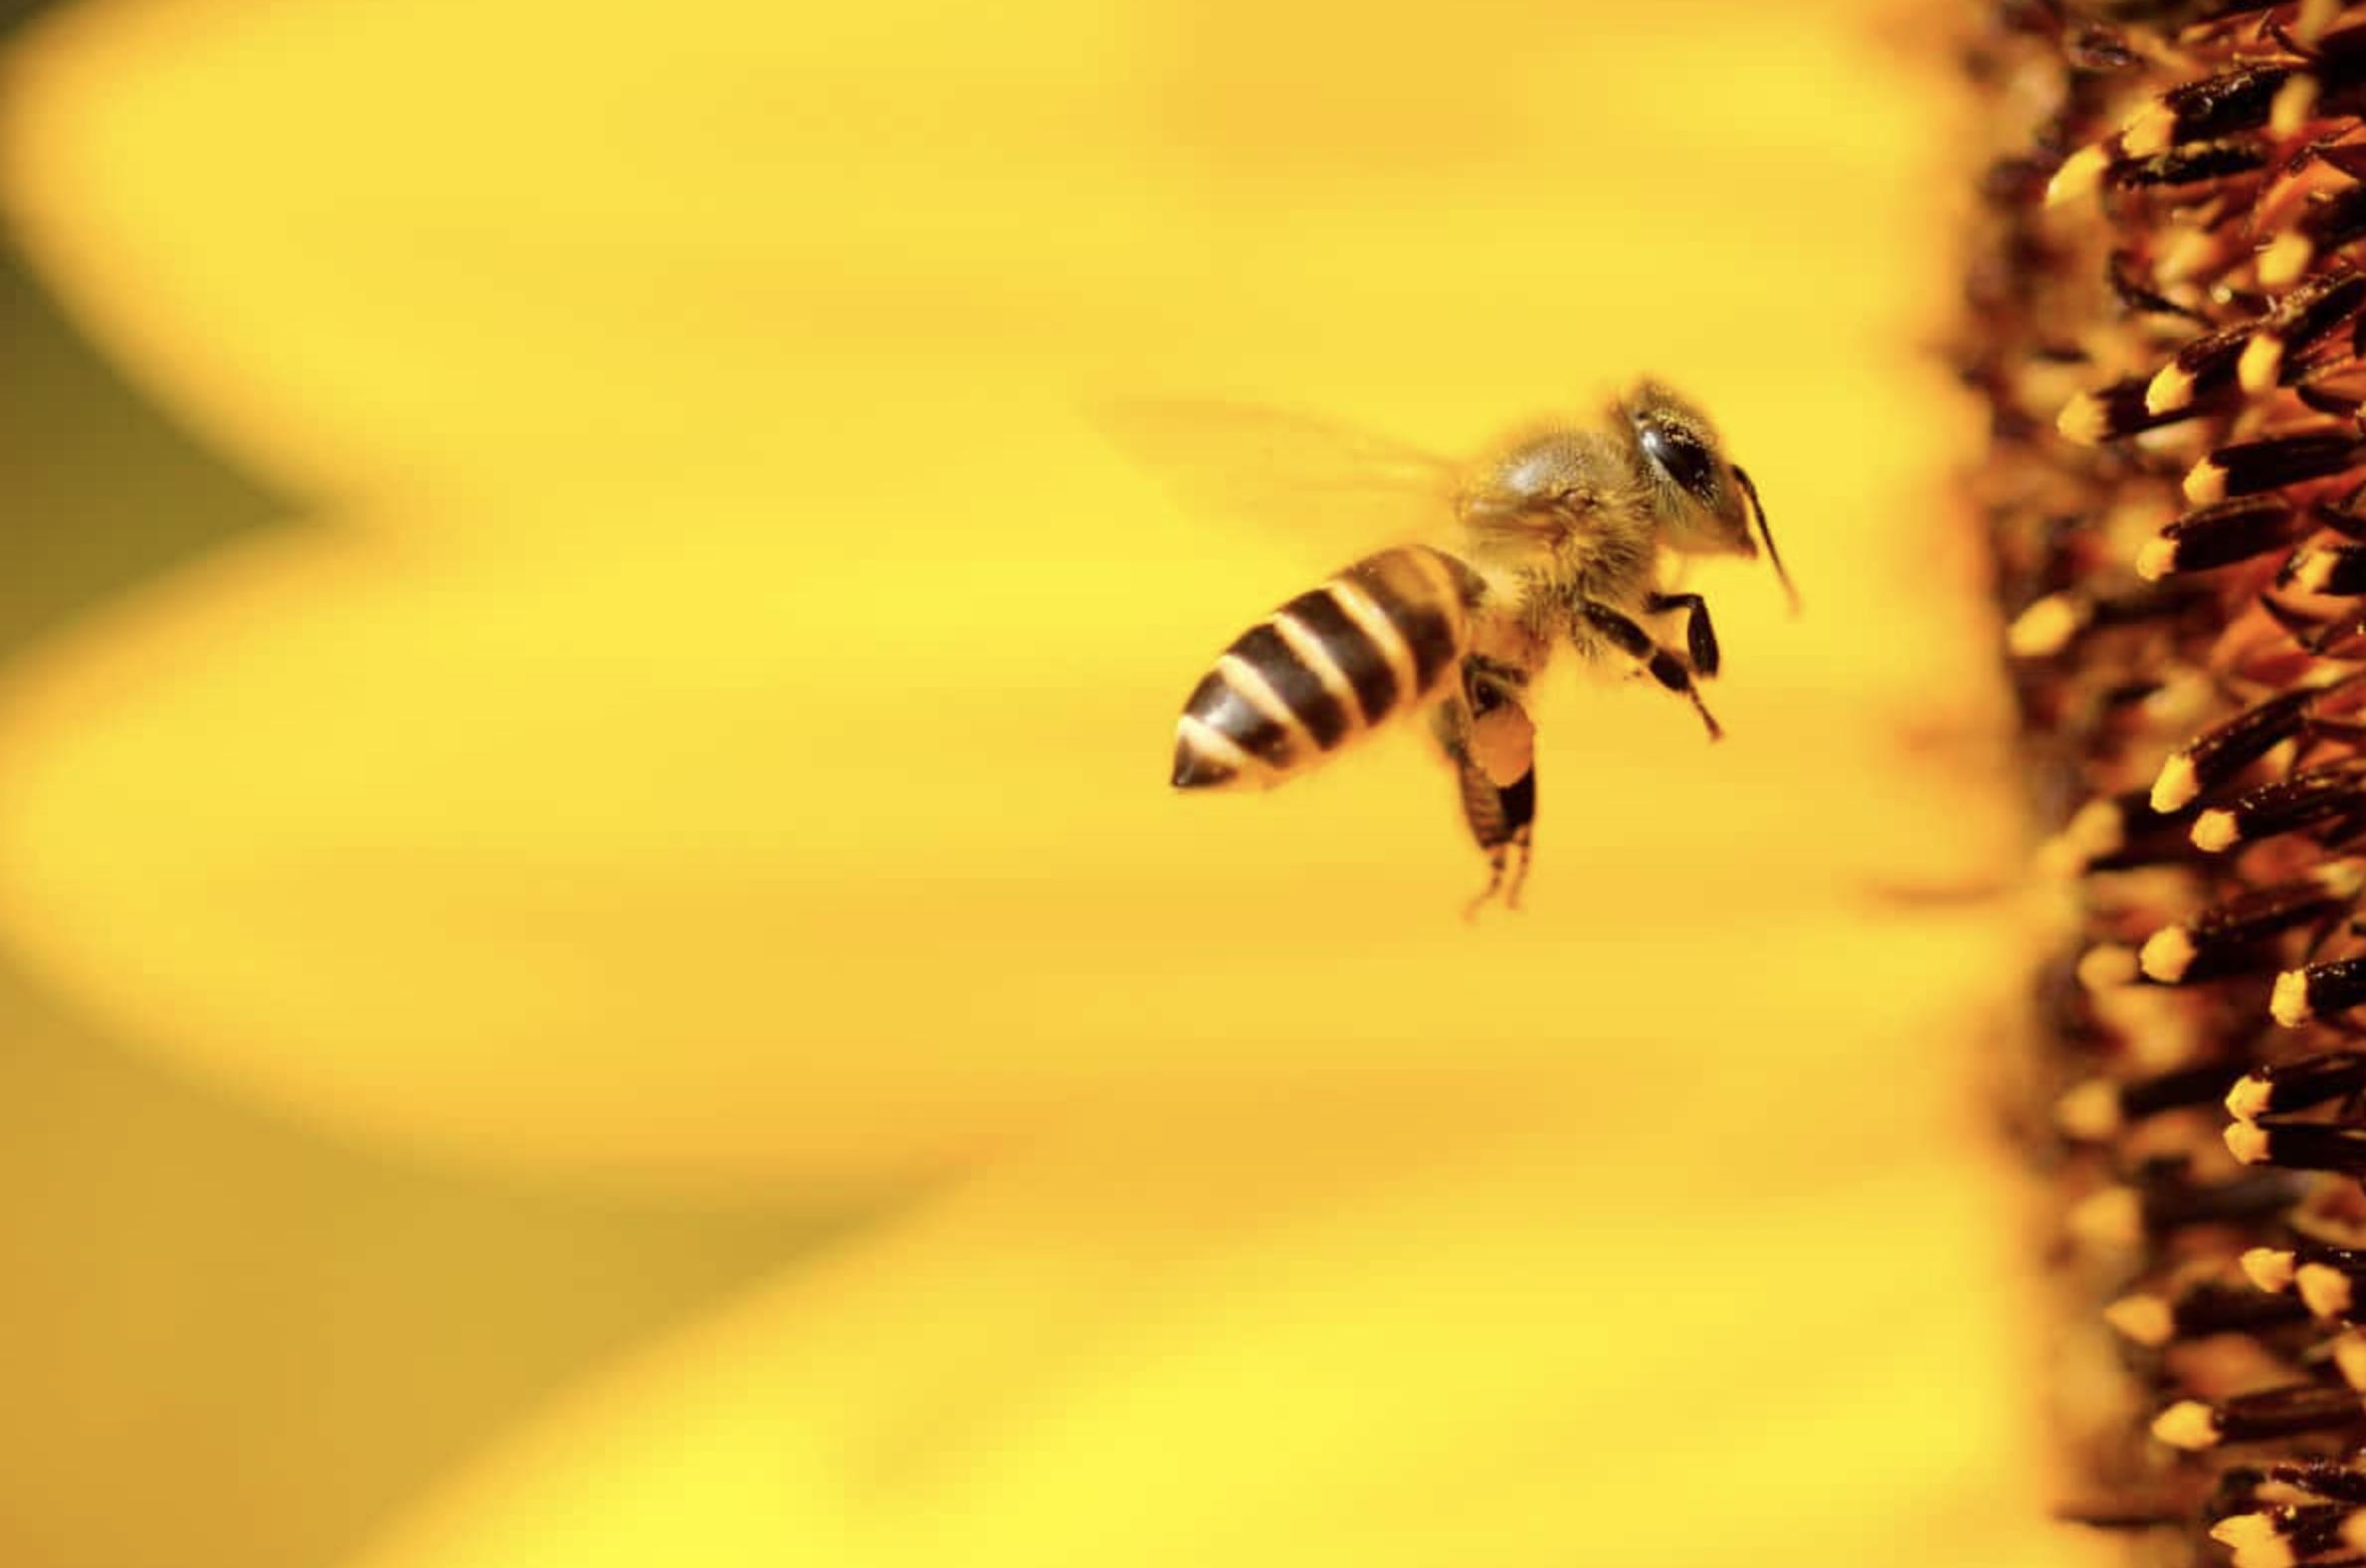 Comment identifier un insecte dans votre maison |Le guide pratique